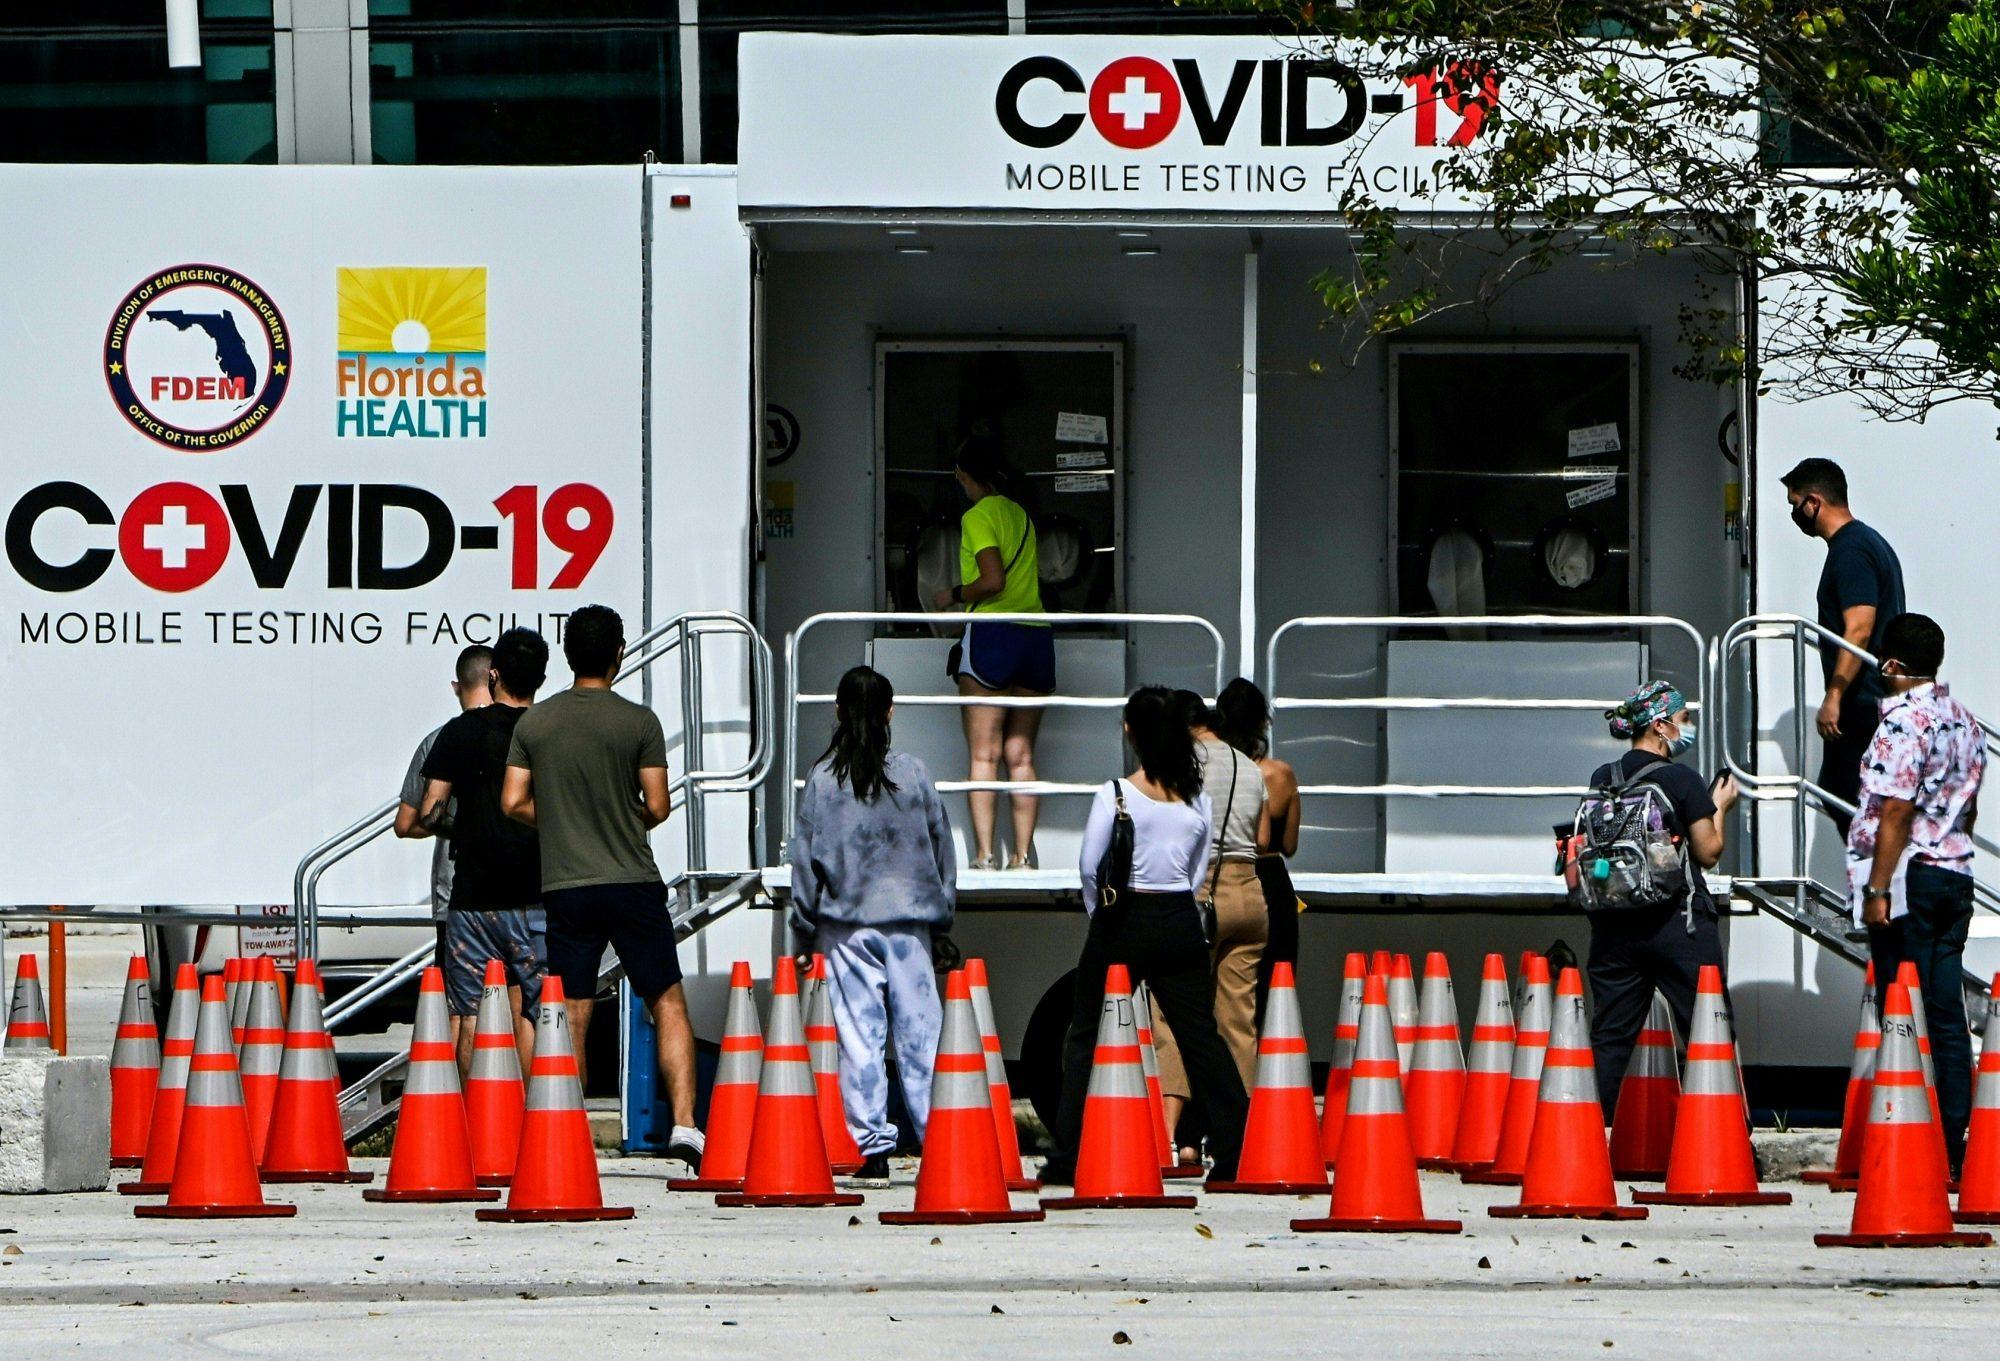 detectan variante de covid-19 en florida